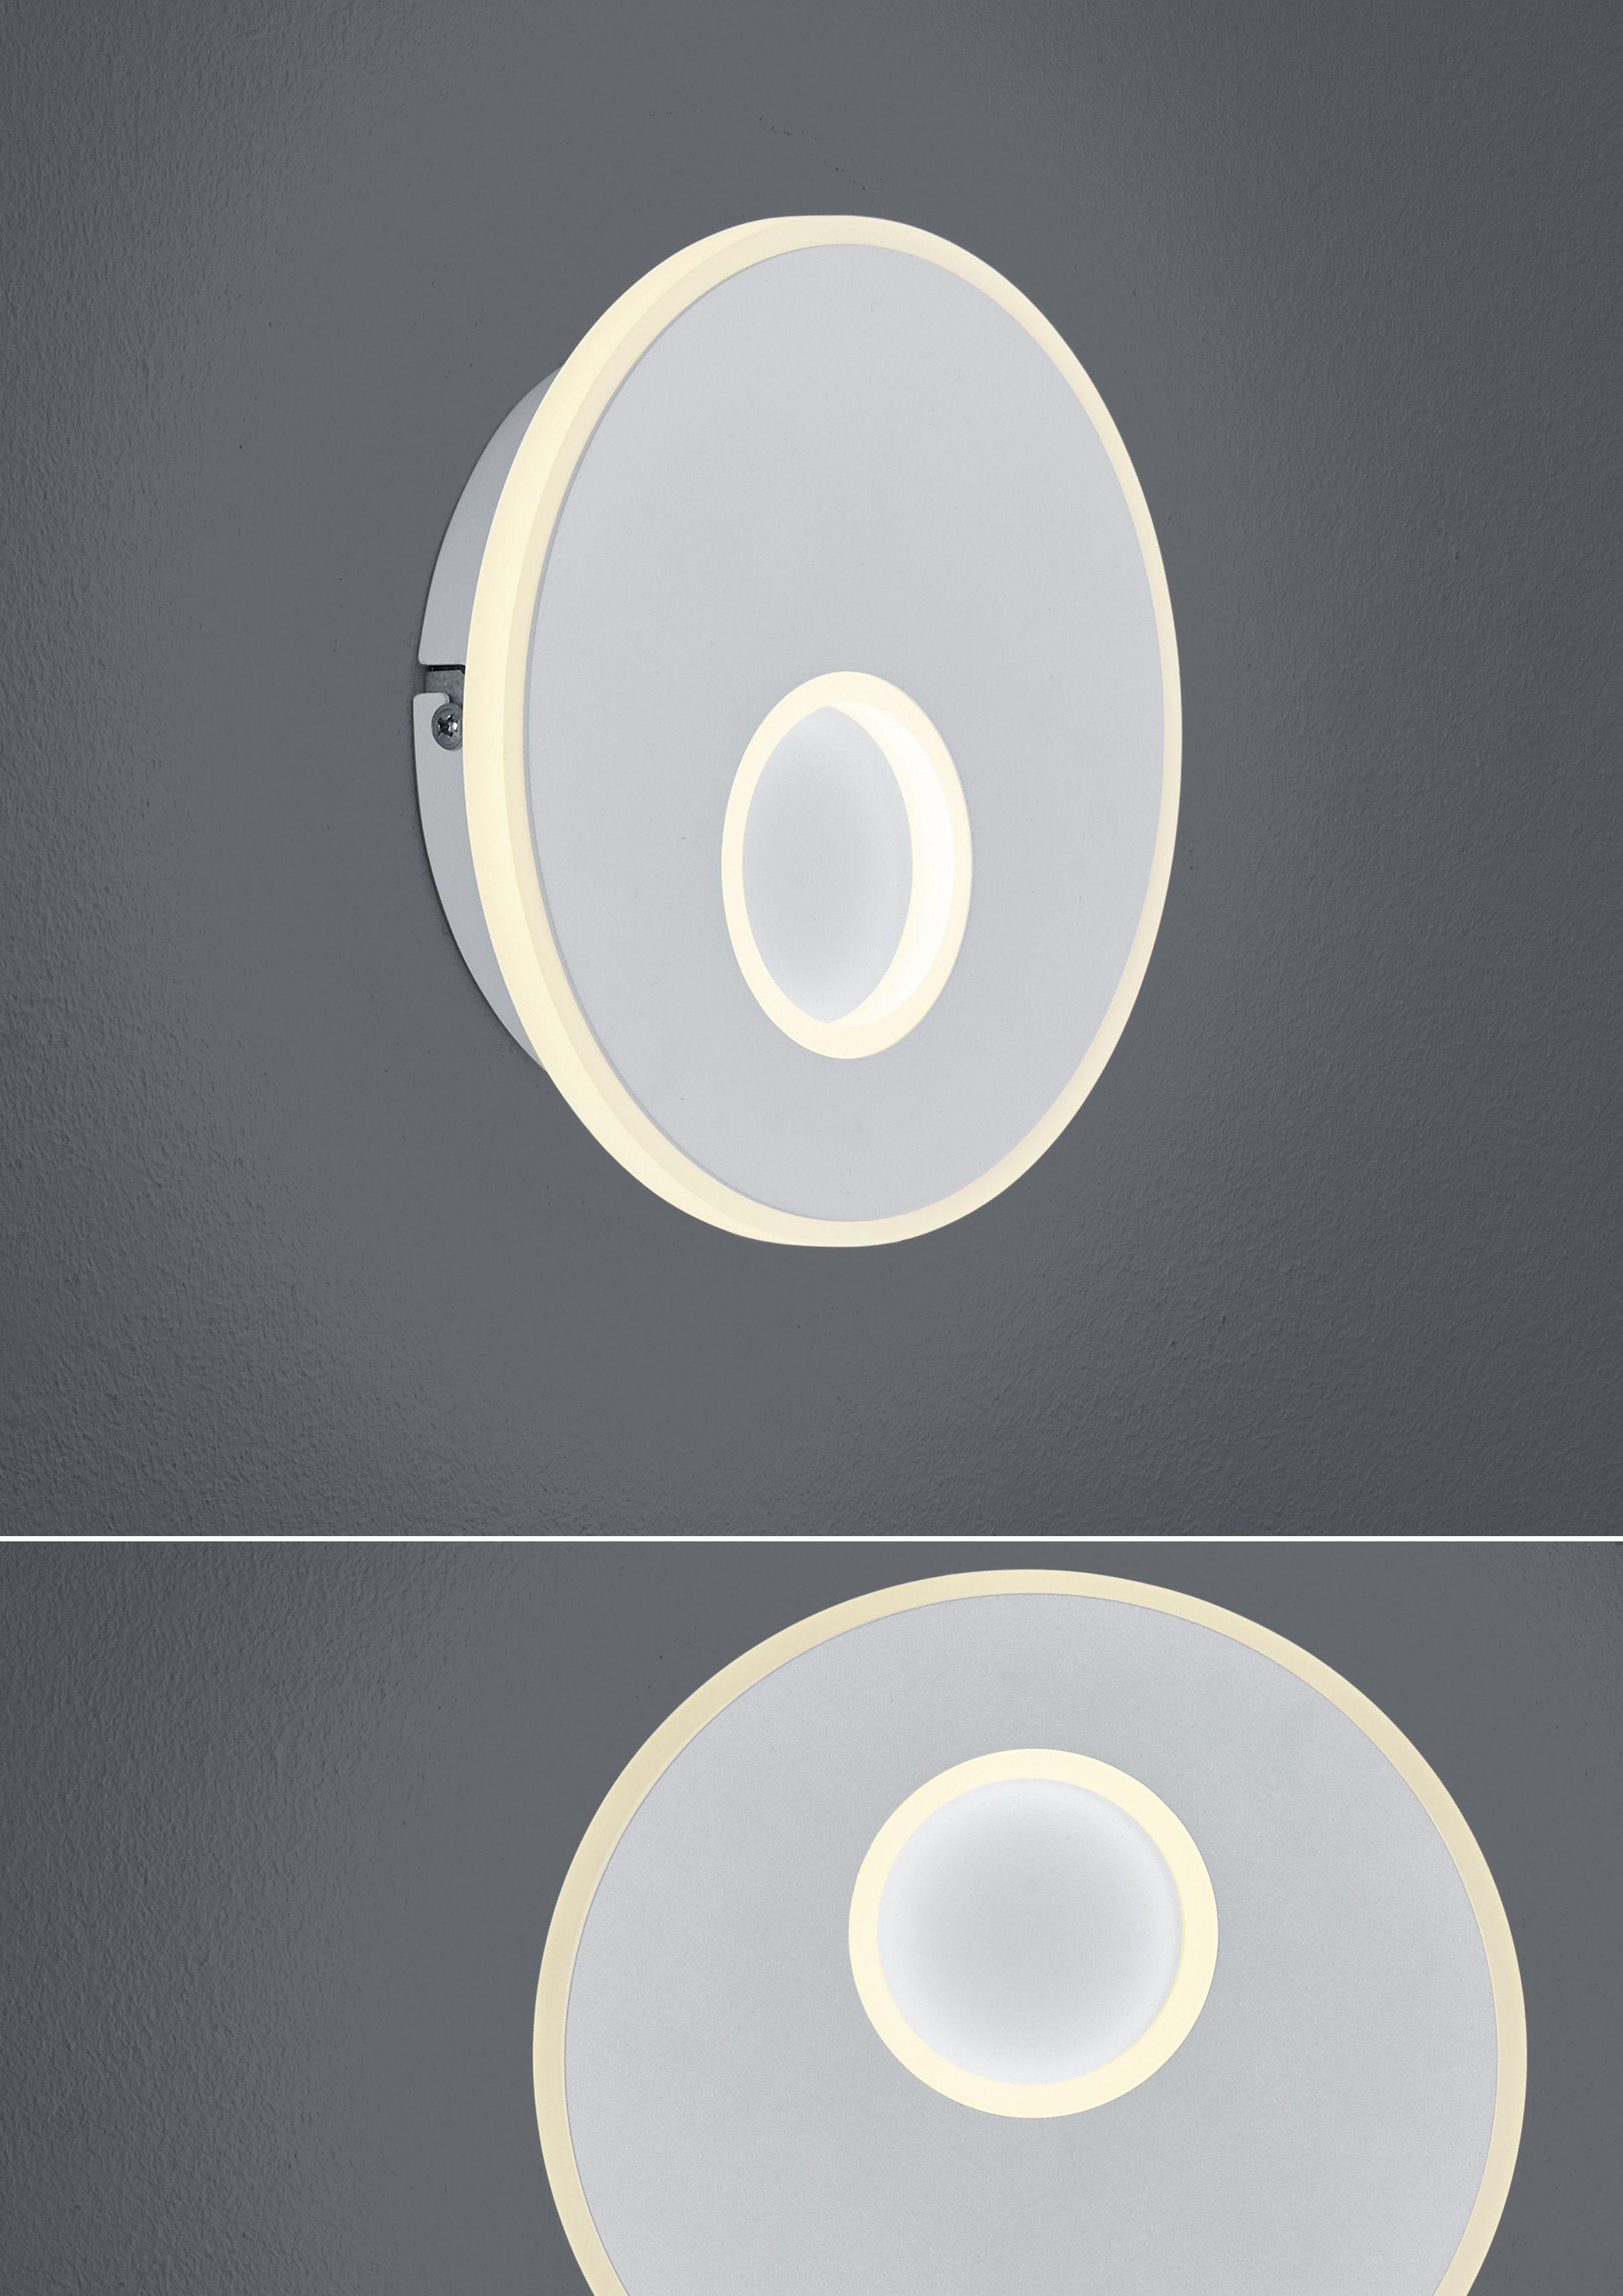 LED-Deckenleuchte/ Wandleuchte Mars von B-Leuchten